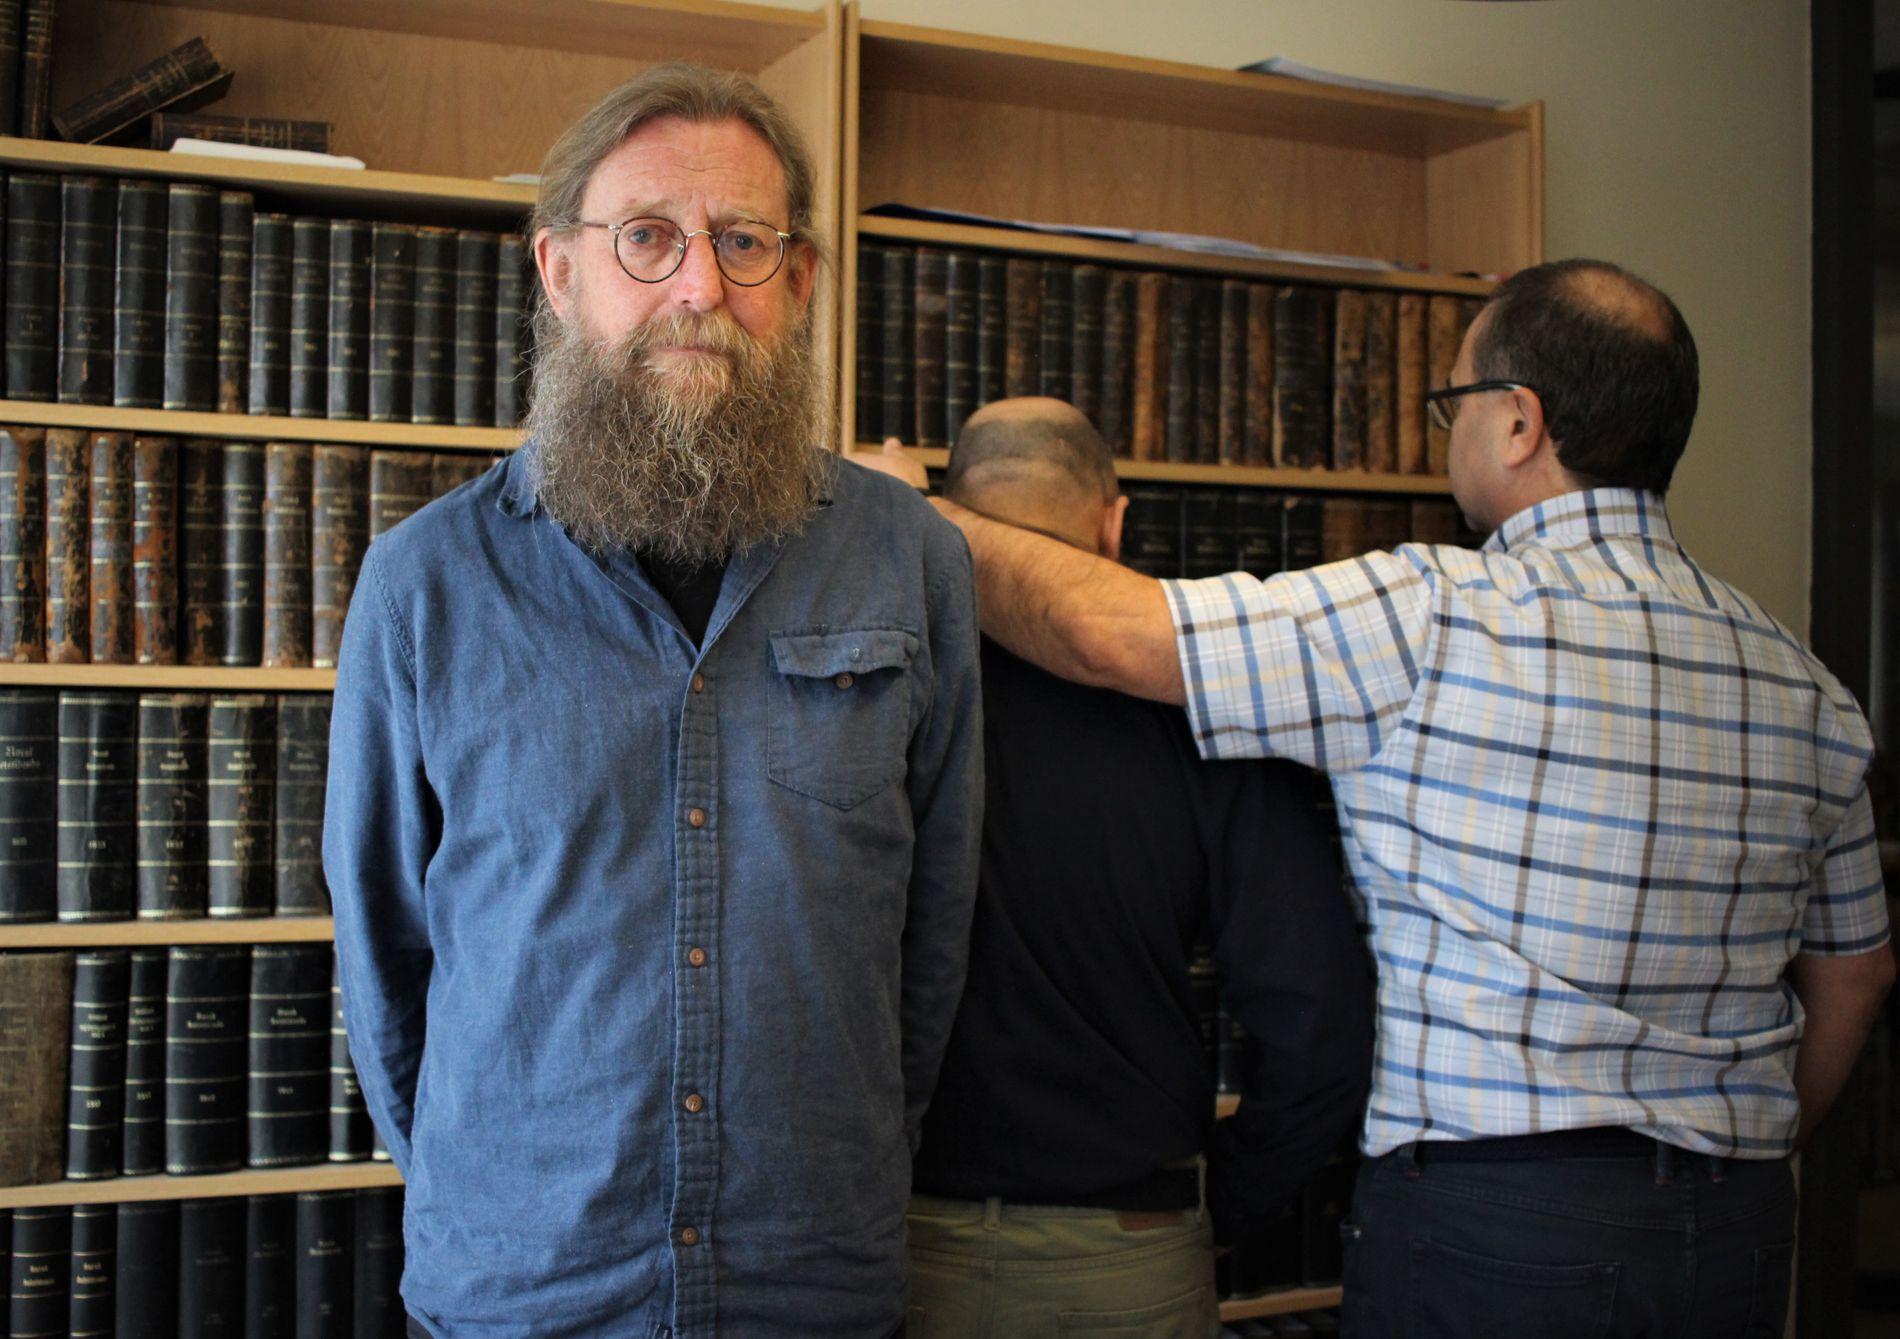 STØTTER HVERANDRE: De to bestefedrene får hjelp hos advokat Bjørn Nærum i Skien, men foreløpig har de ikke fått noen lovnad om hjelp fra UD.